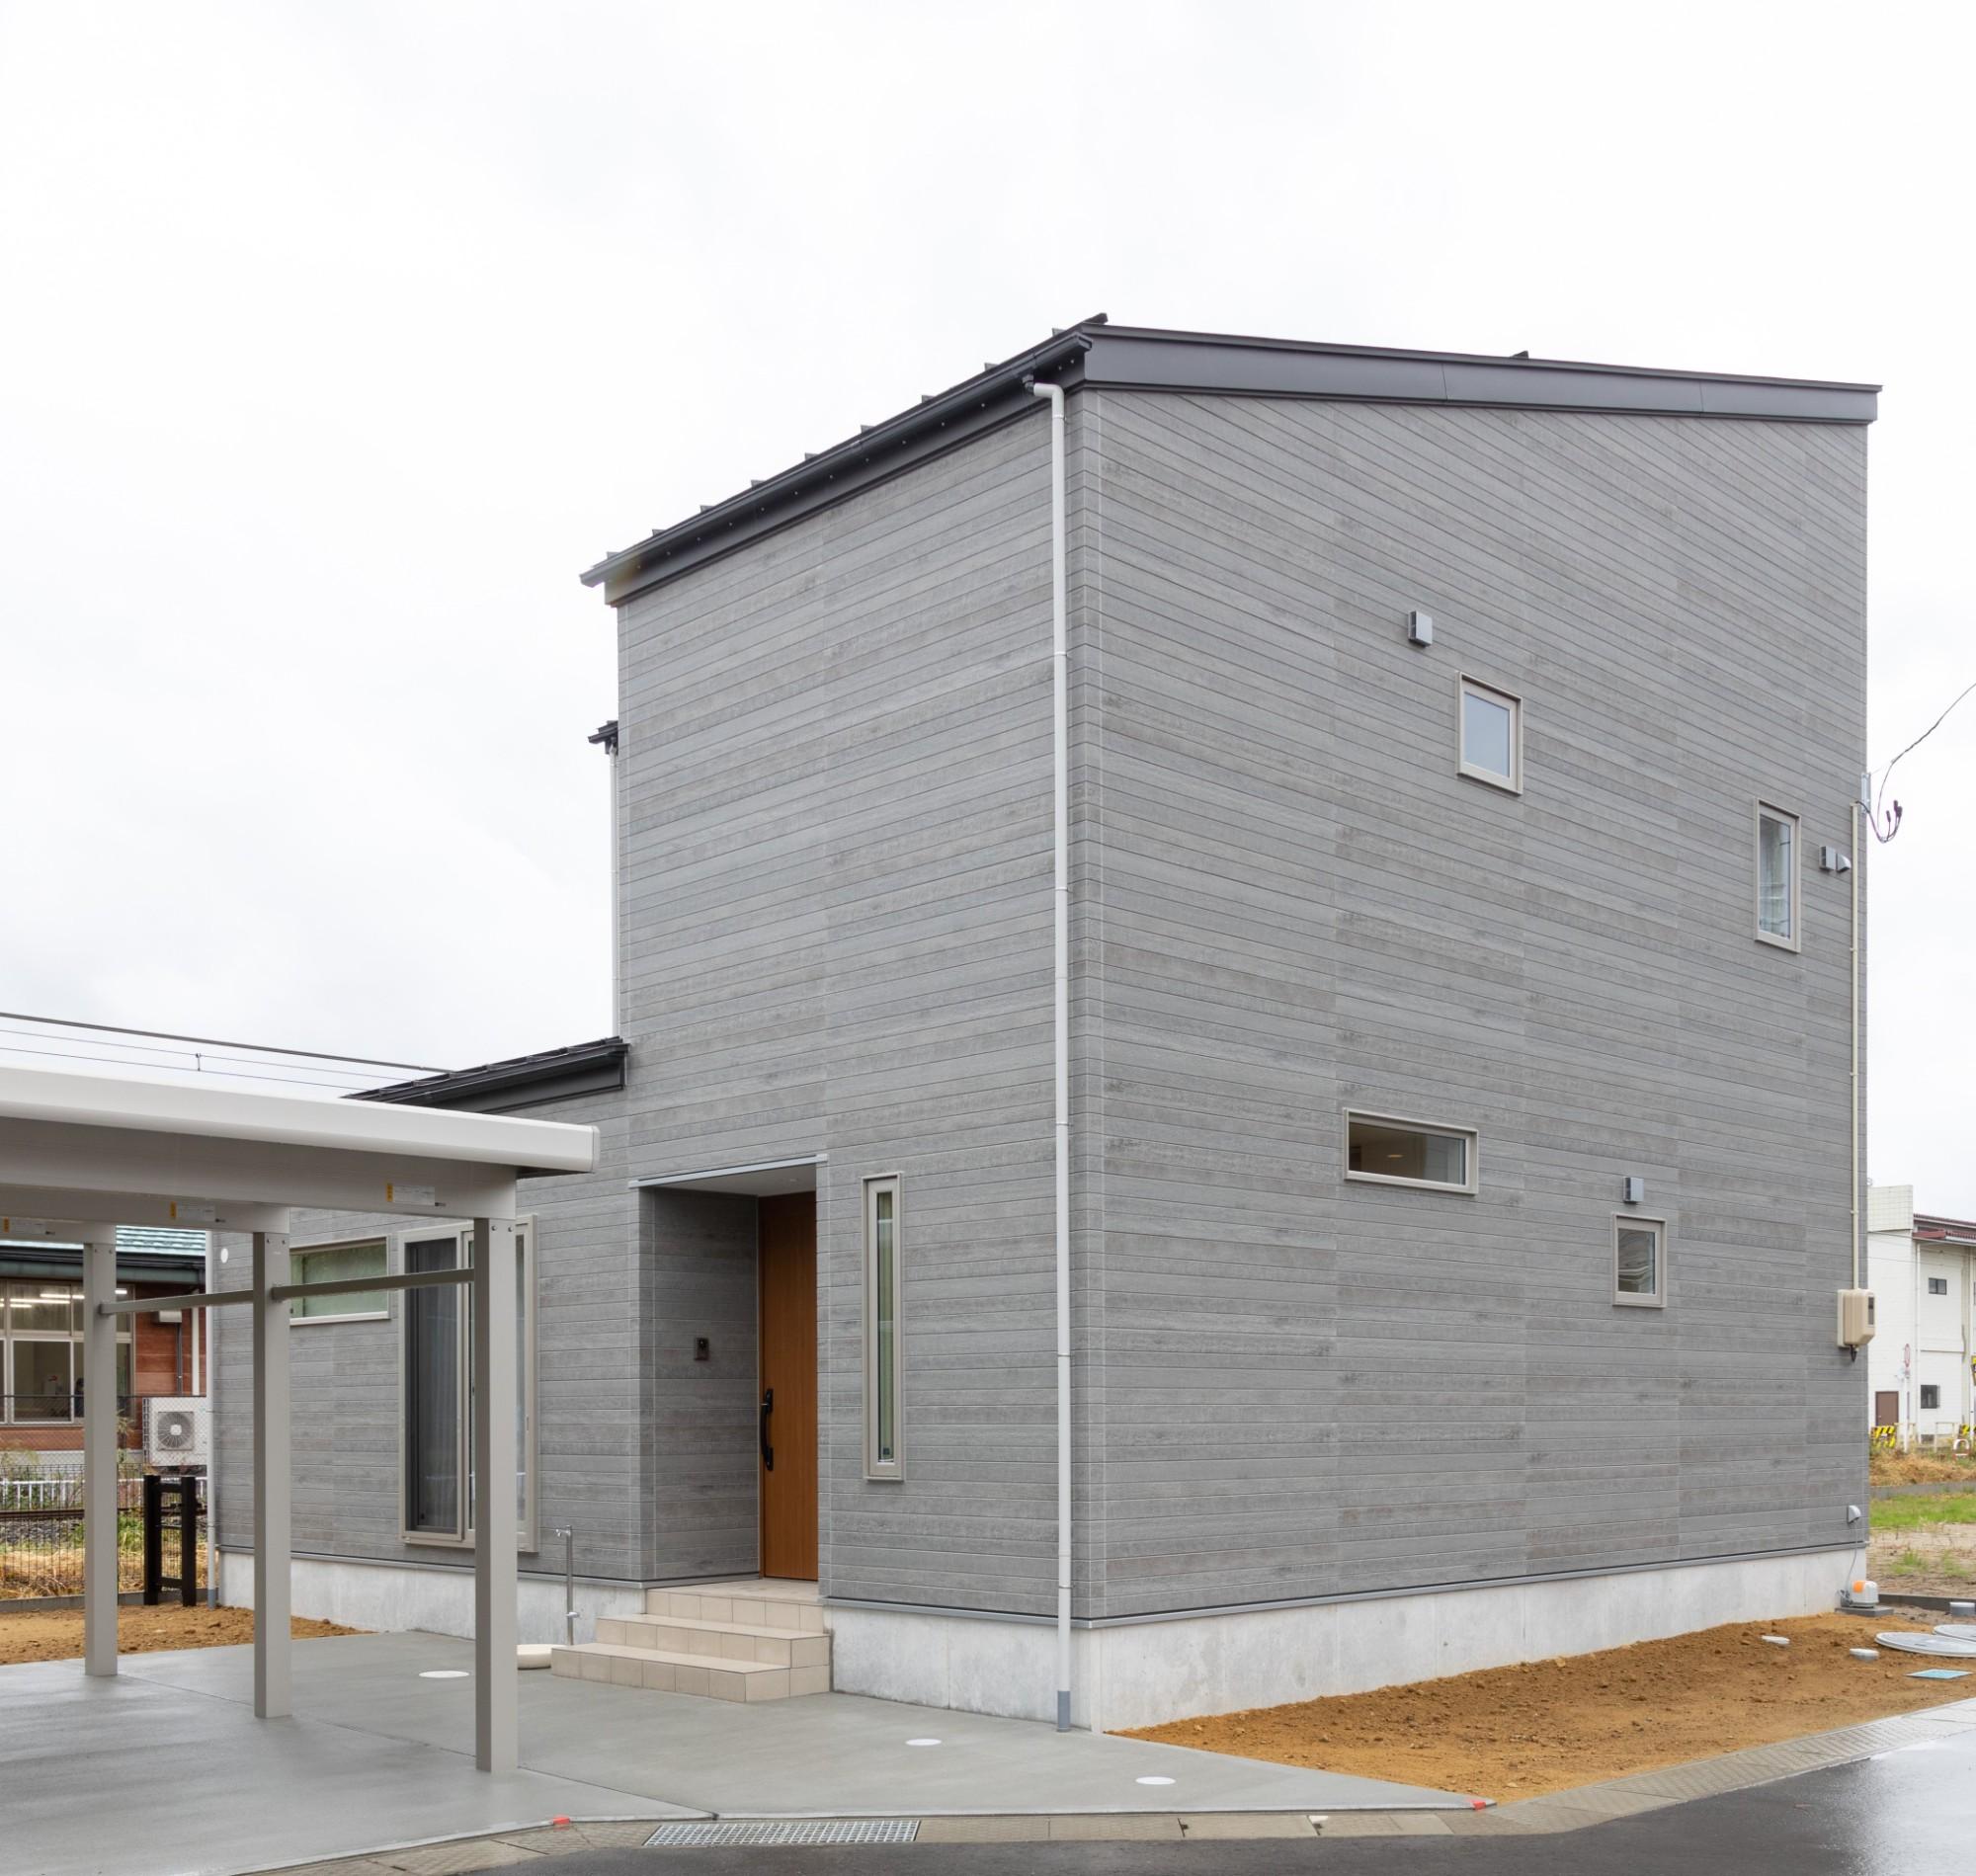 新潟材協 クオリティハウス「家事導線をデザインする」のモダンな外観の実例写真